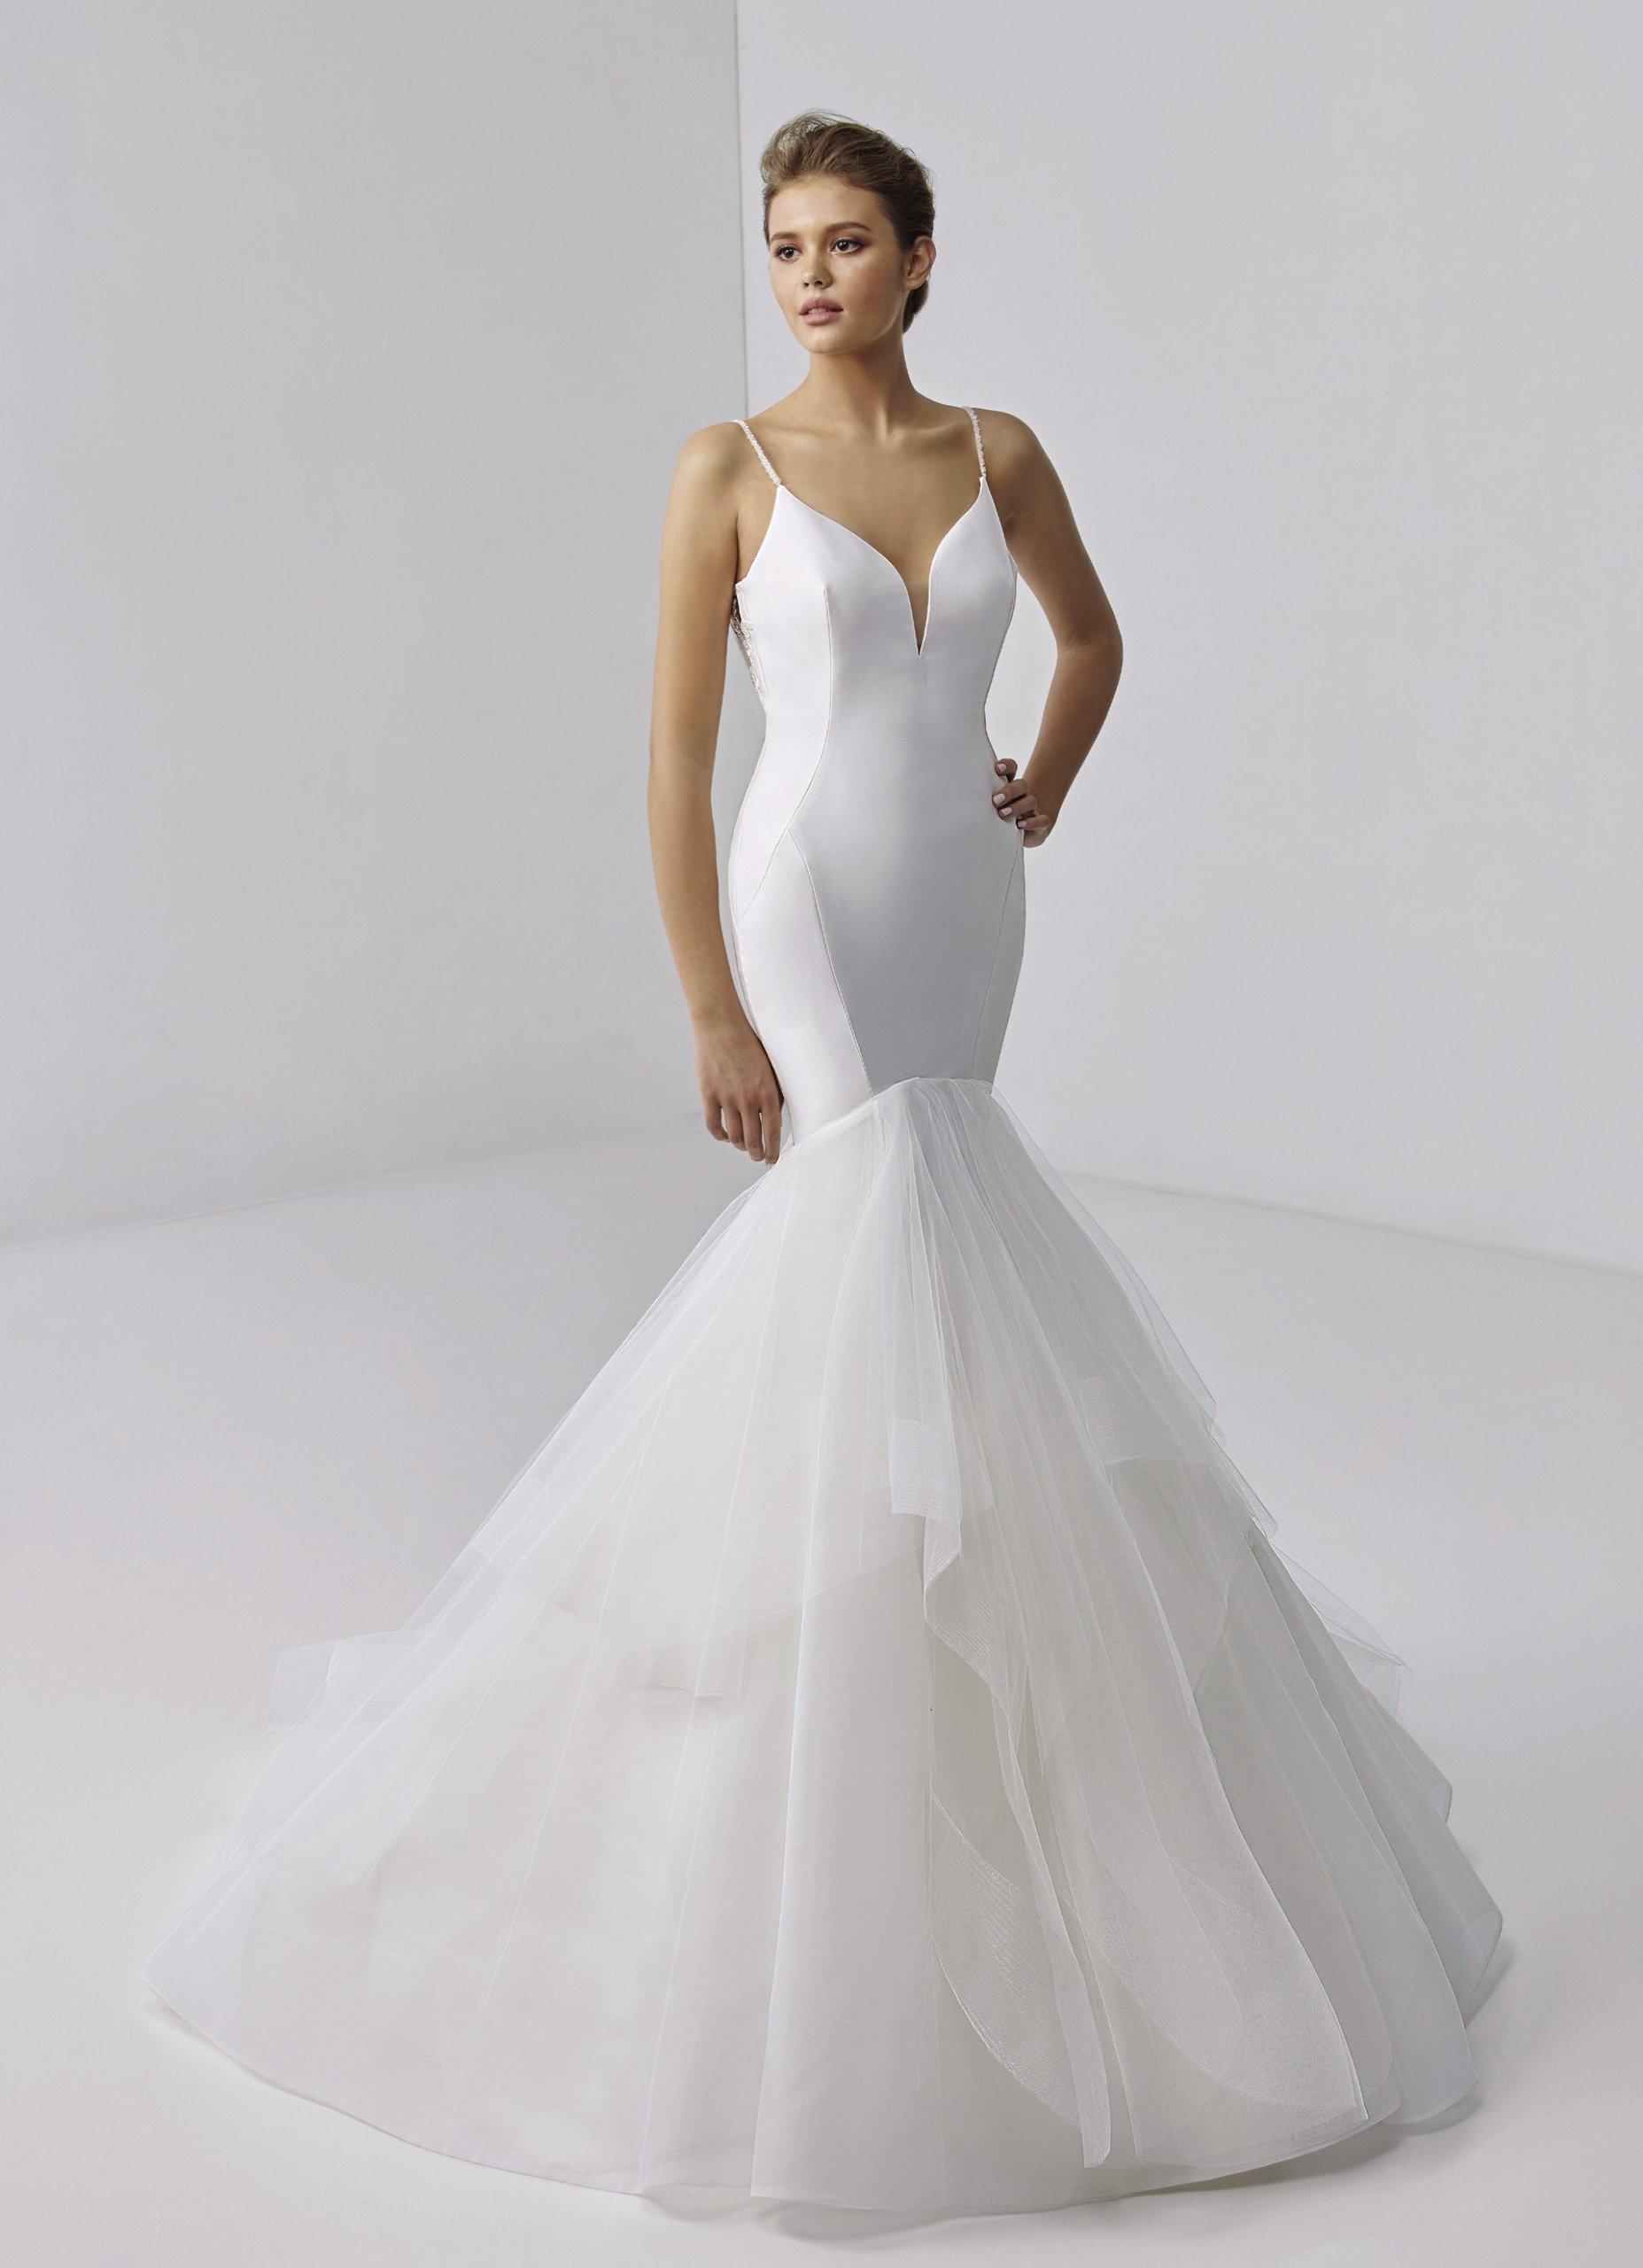 Fit-and-Flare-Hochzeitskleid in Weiß mit Volants, tiefem Rücken und Schleppe von Etoile, Modell Brigitte